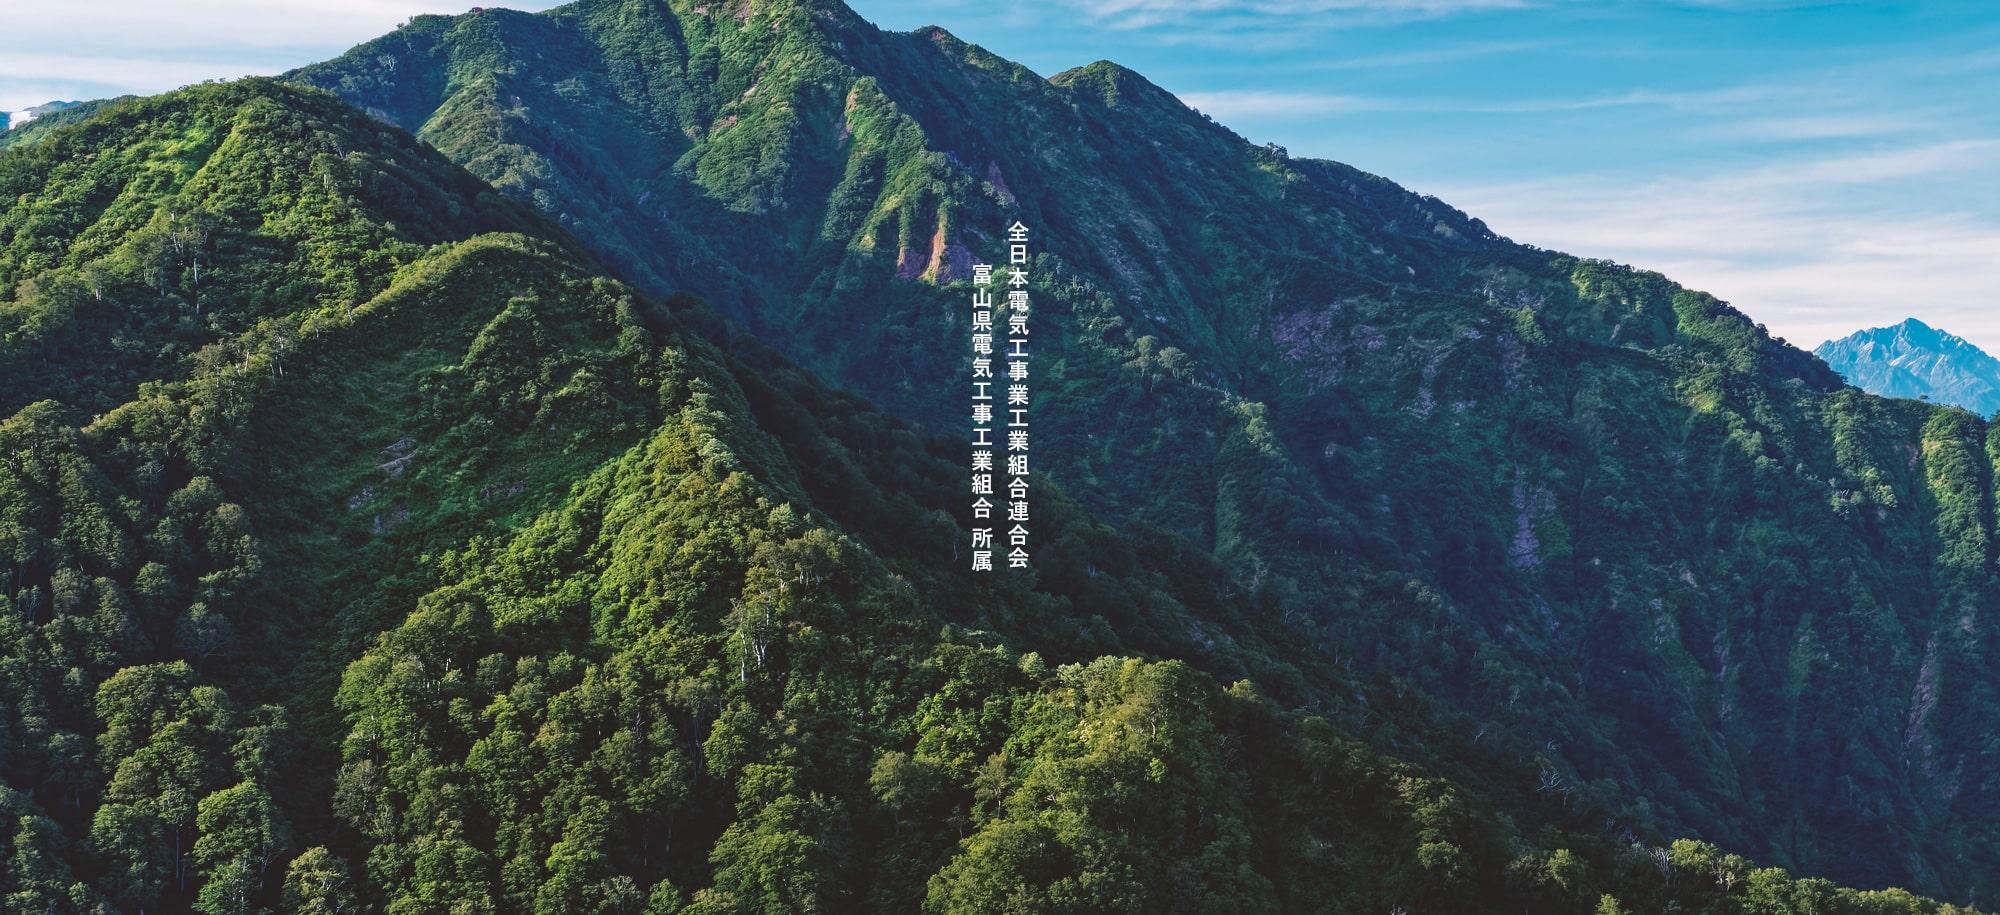 全日本電気工事業興業組合連合会 富山県電気工事興業組合 所属